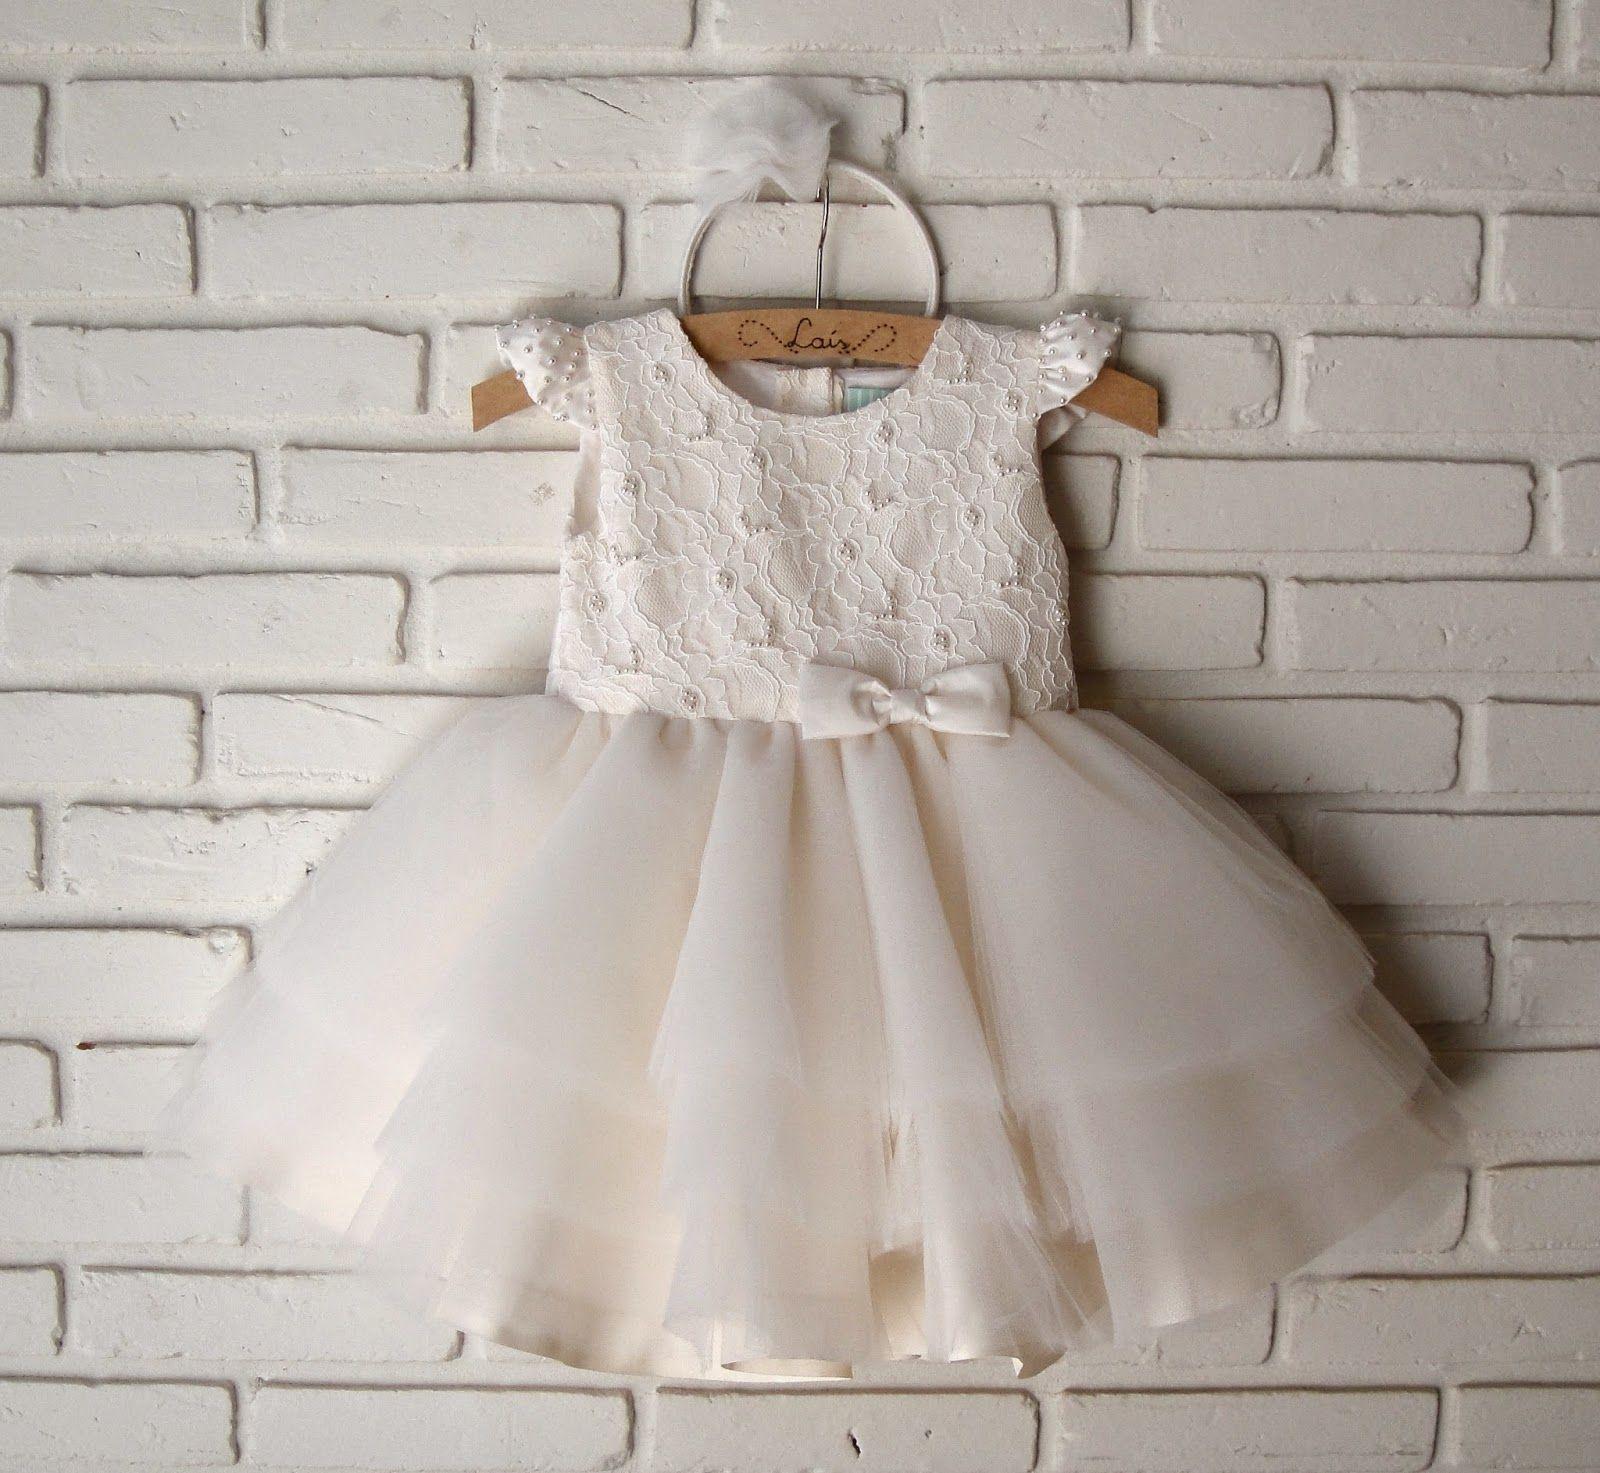 Vestido Infantil Para Festa Com Renda E Saia De Tule Oferta